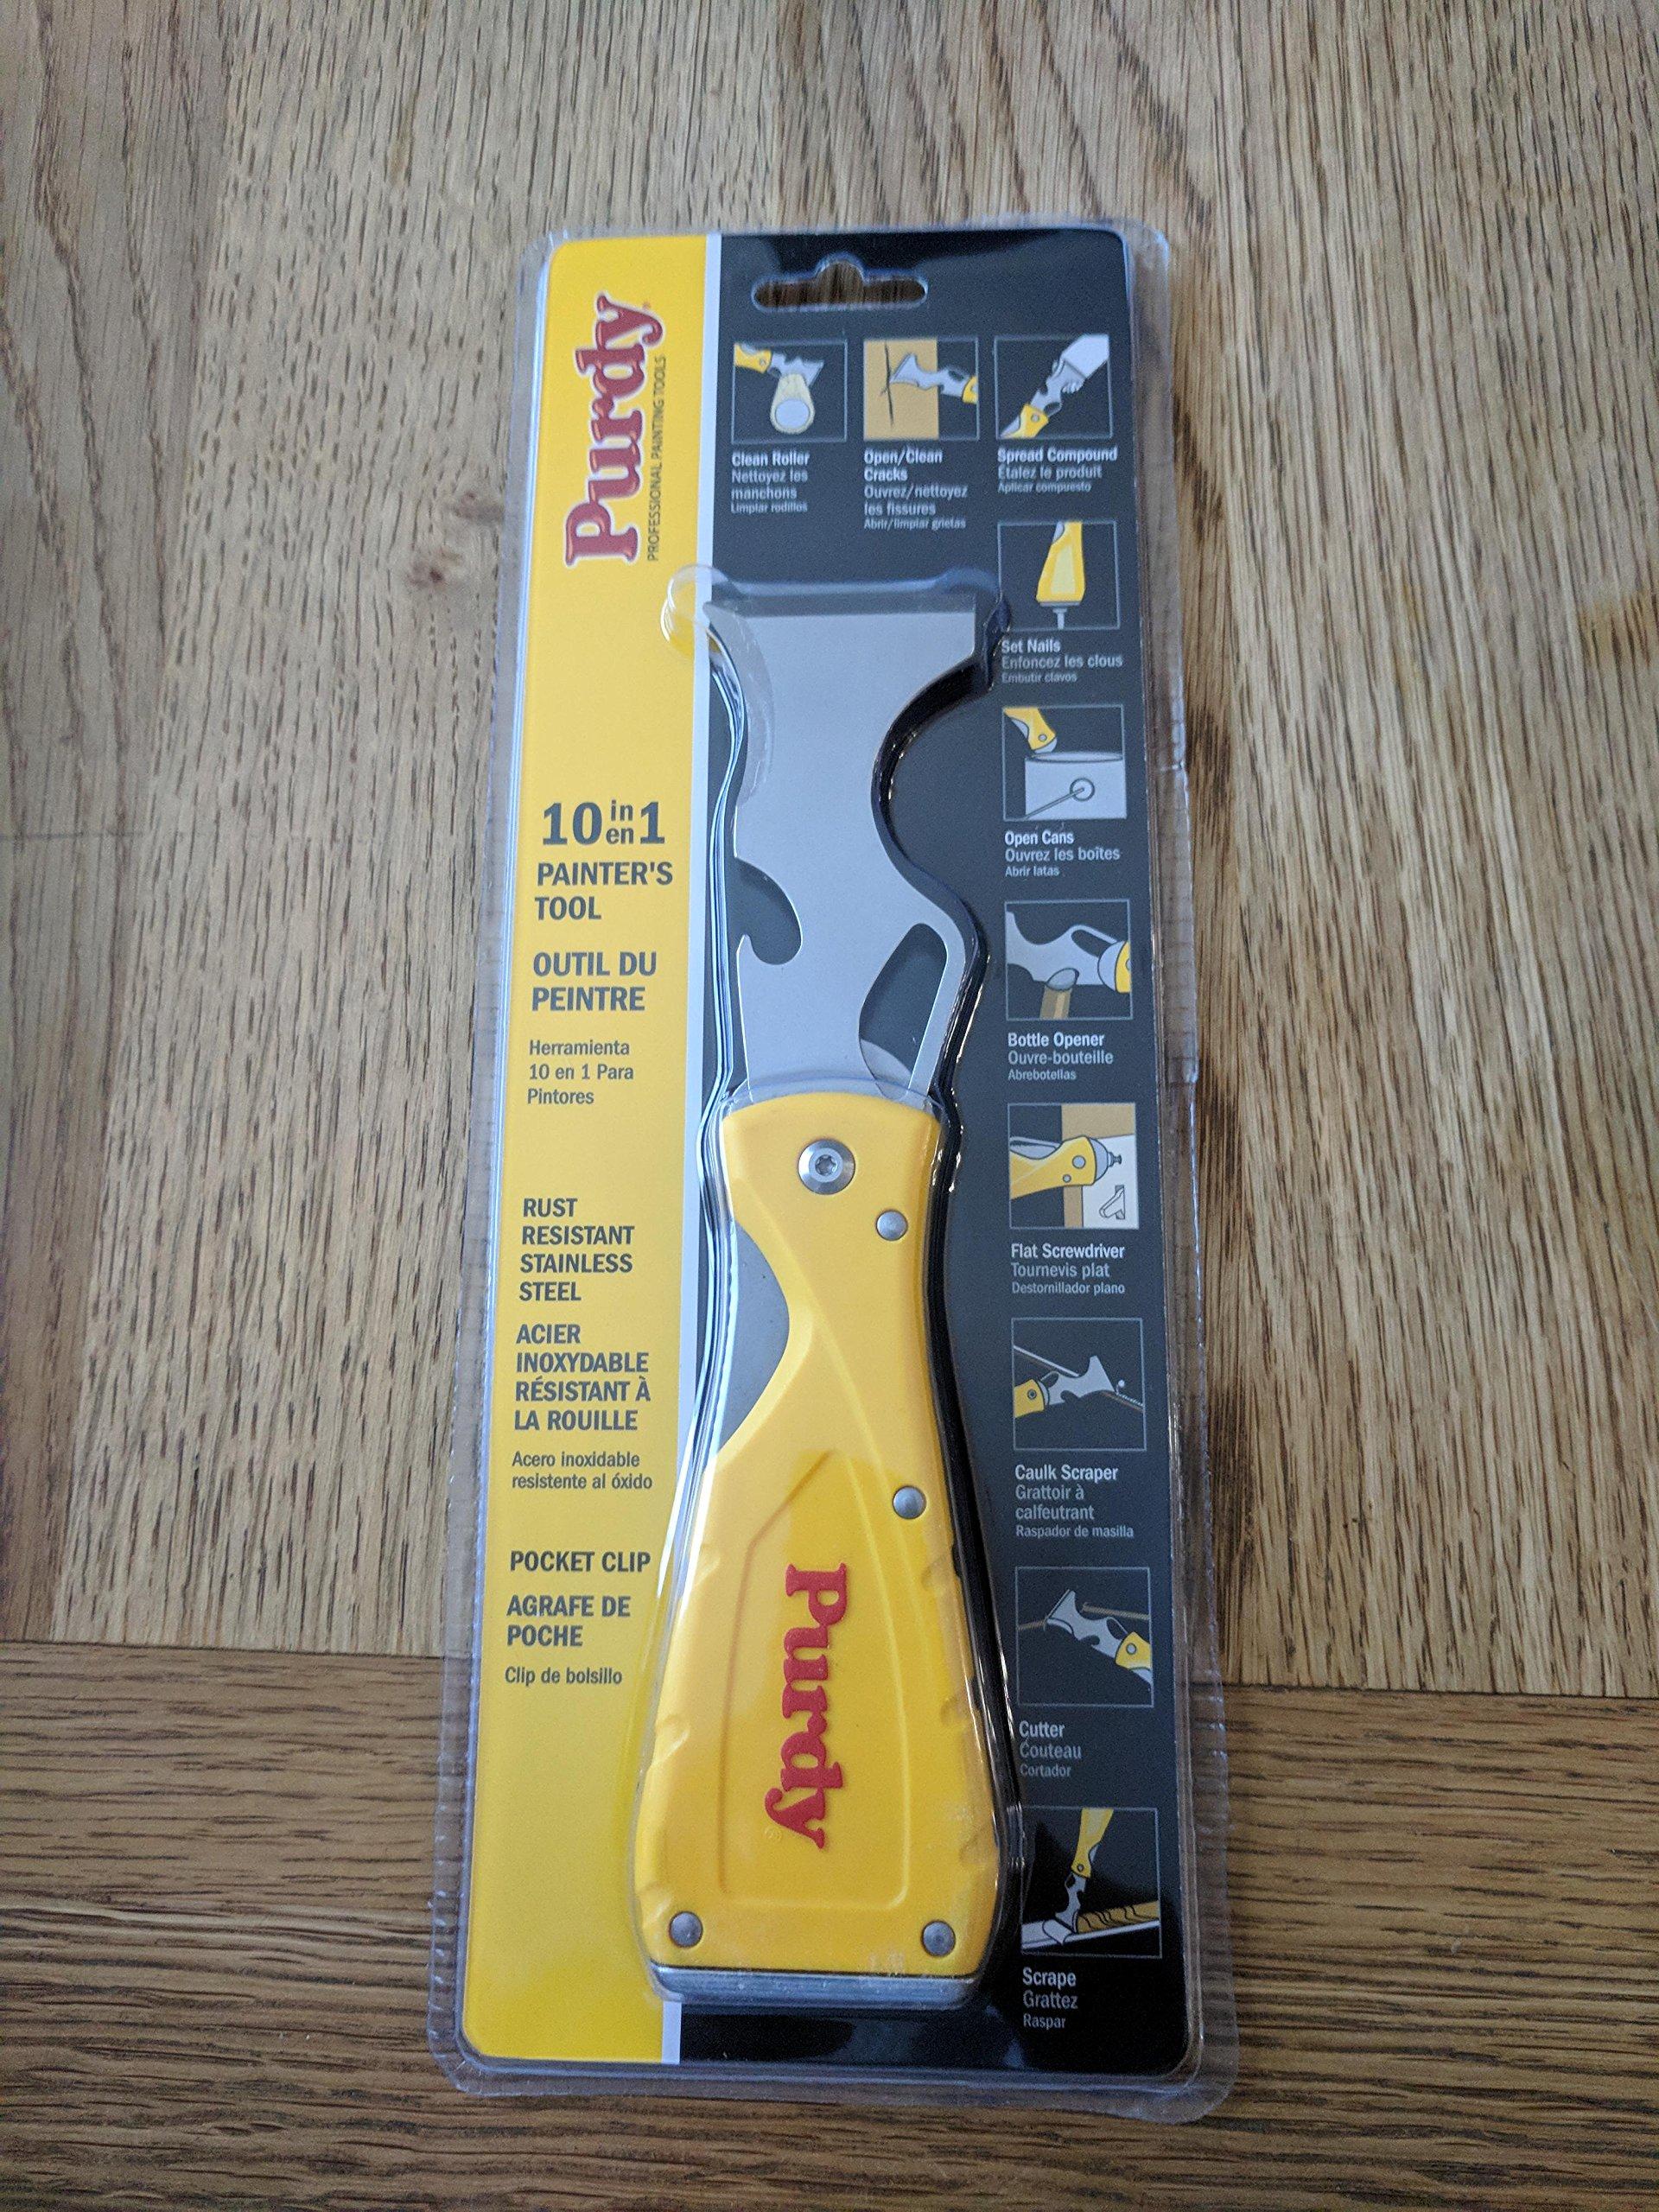 Painters Tool 10-N-1 Fld